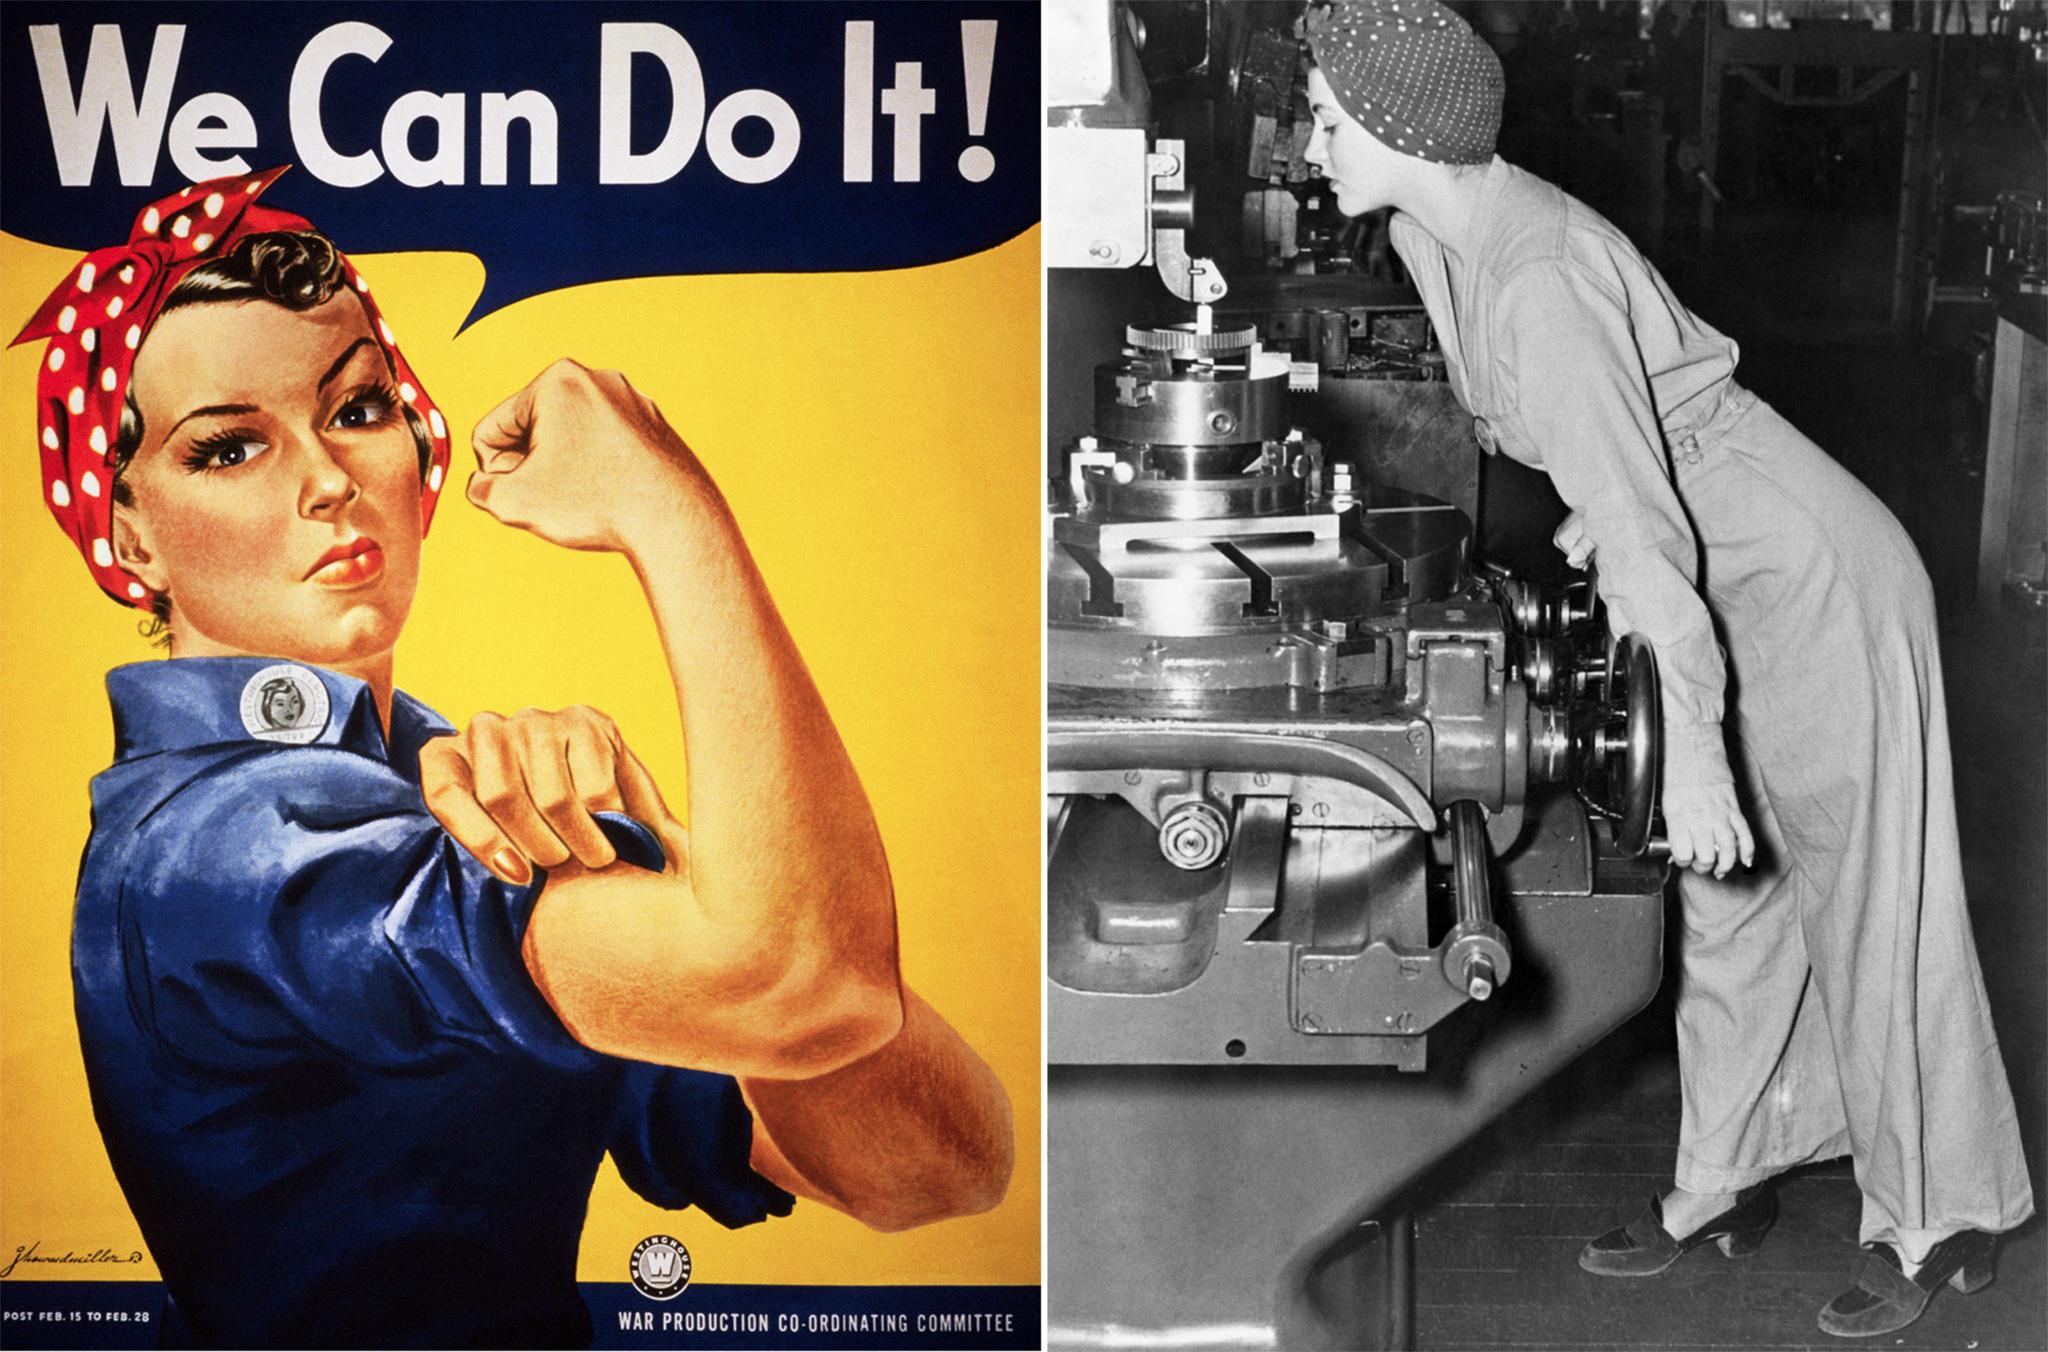 """Вдохновением для знаменитого плаката времен Второй мировой войны """"Клепальщица Рози"""" послужила фотография 1942 года ныне покойной Наоми Паркер Фрэйли. (© Corbis/Getty Images; © Bettmann/Getty Images)"""